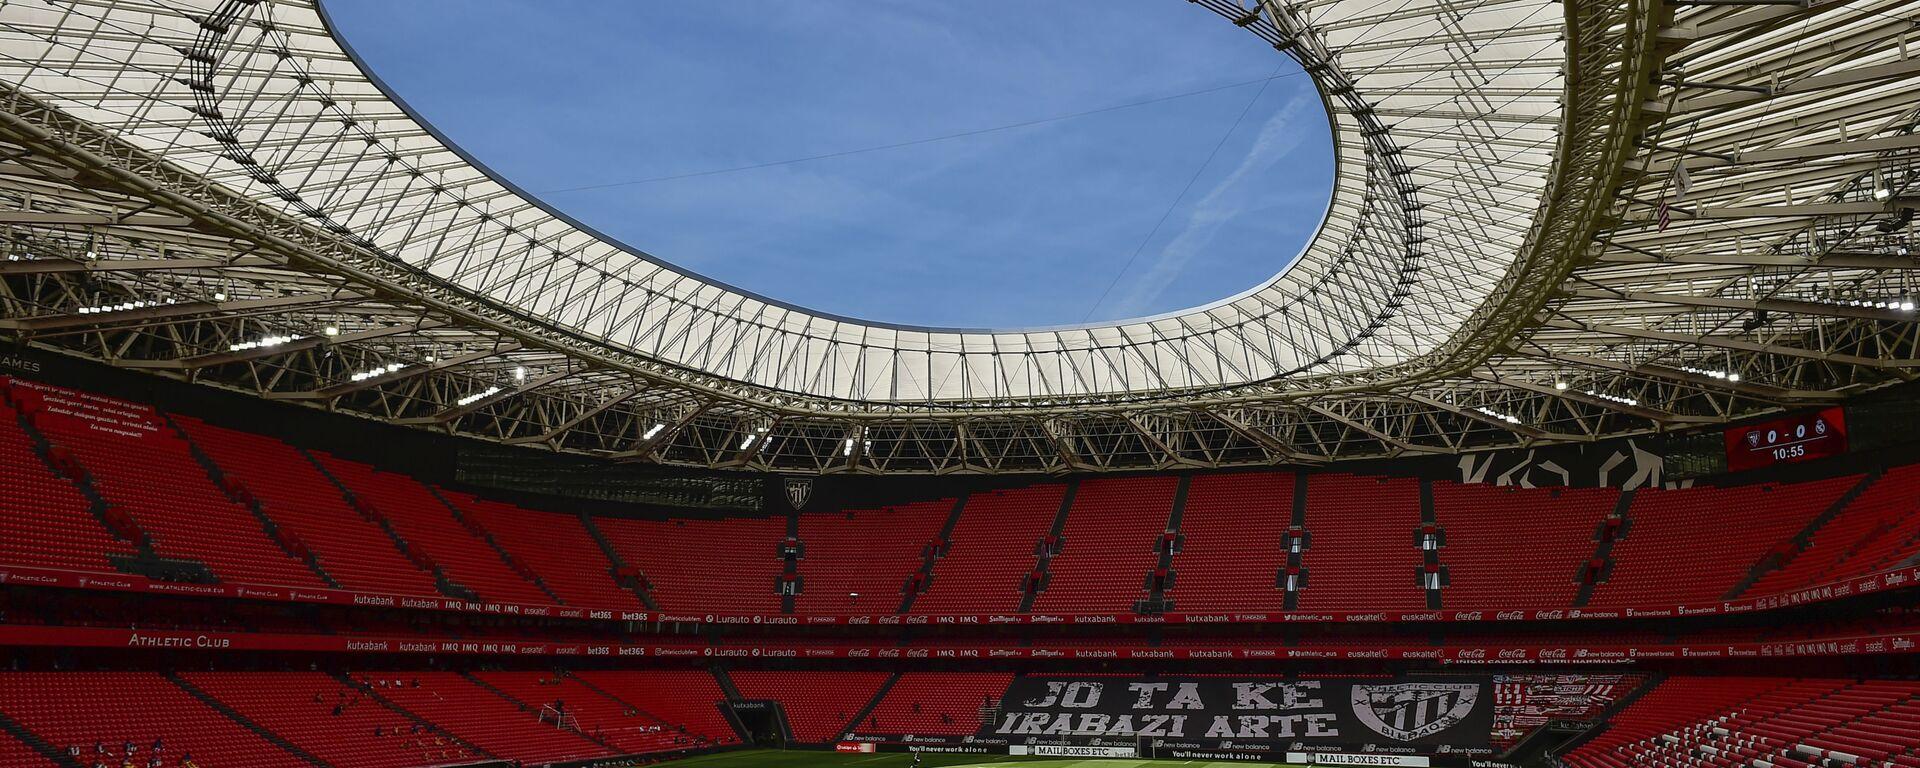 Foto del estadio San Mamés en Bilbao - Sputnik Mundo, 1920, 18.03.2021